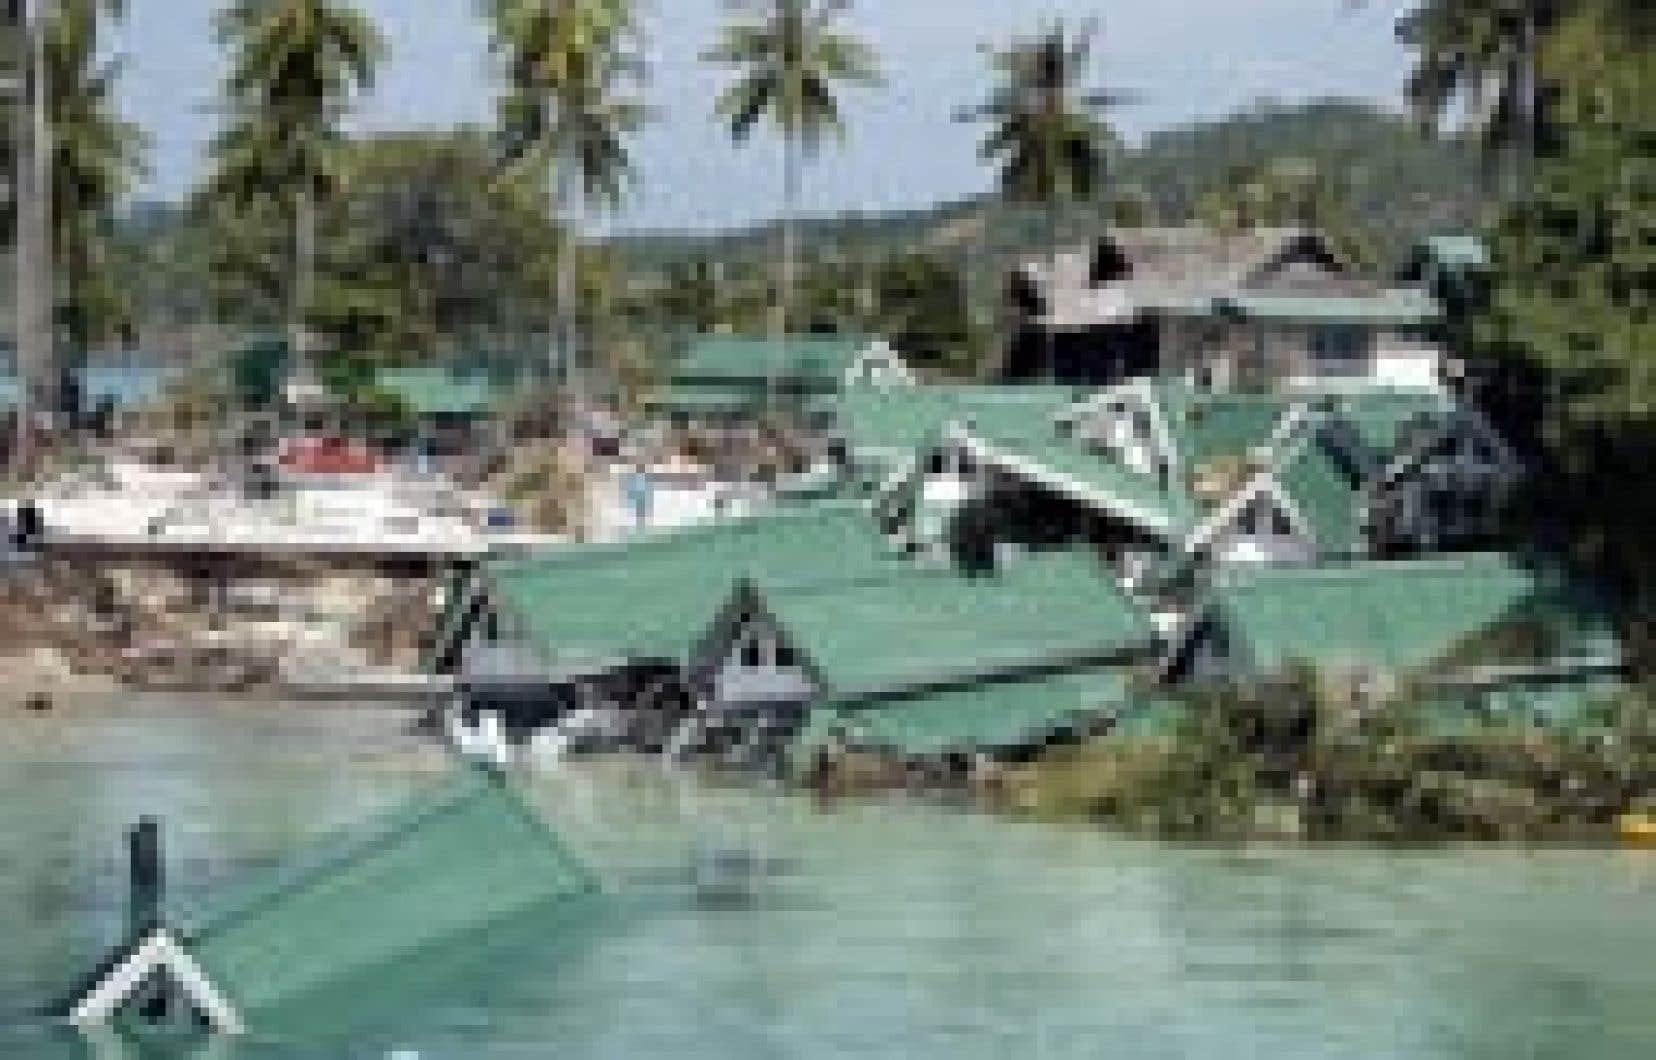 Des habitations d'une station balnéaire dans la baie de Ton Sai, en Thaïlande, se sont écroulées dans l'eau à la suite des tsunamis.